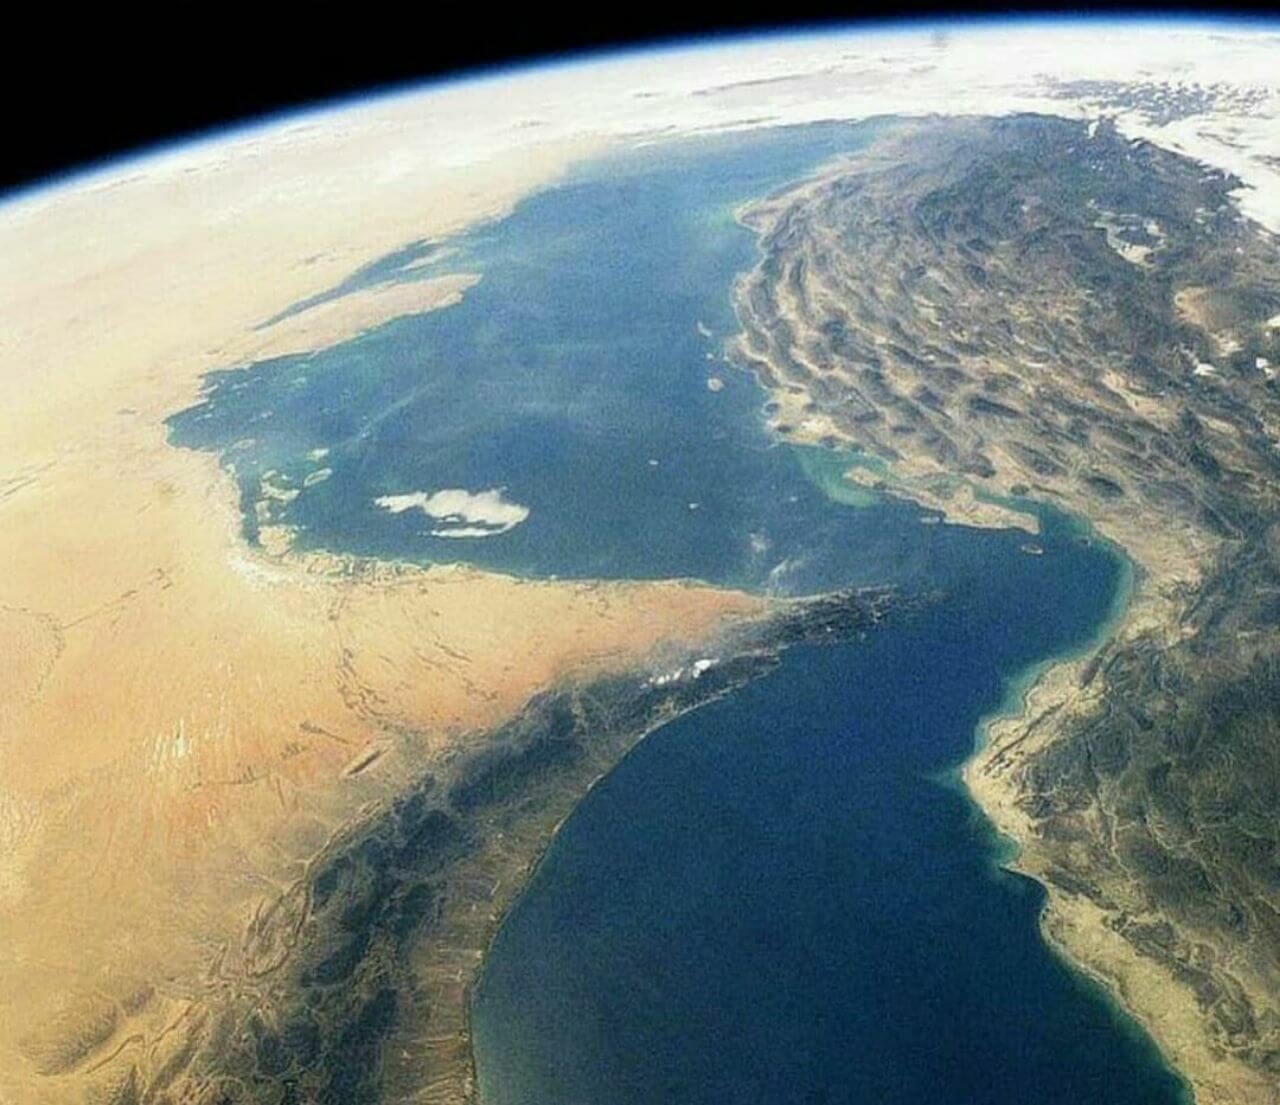 احتمال وقوع سونامی در ایران و کشورهای حوزه خلیج فارس